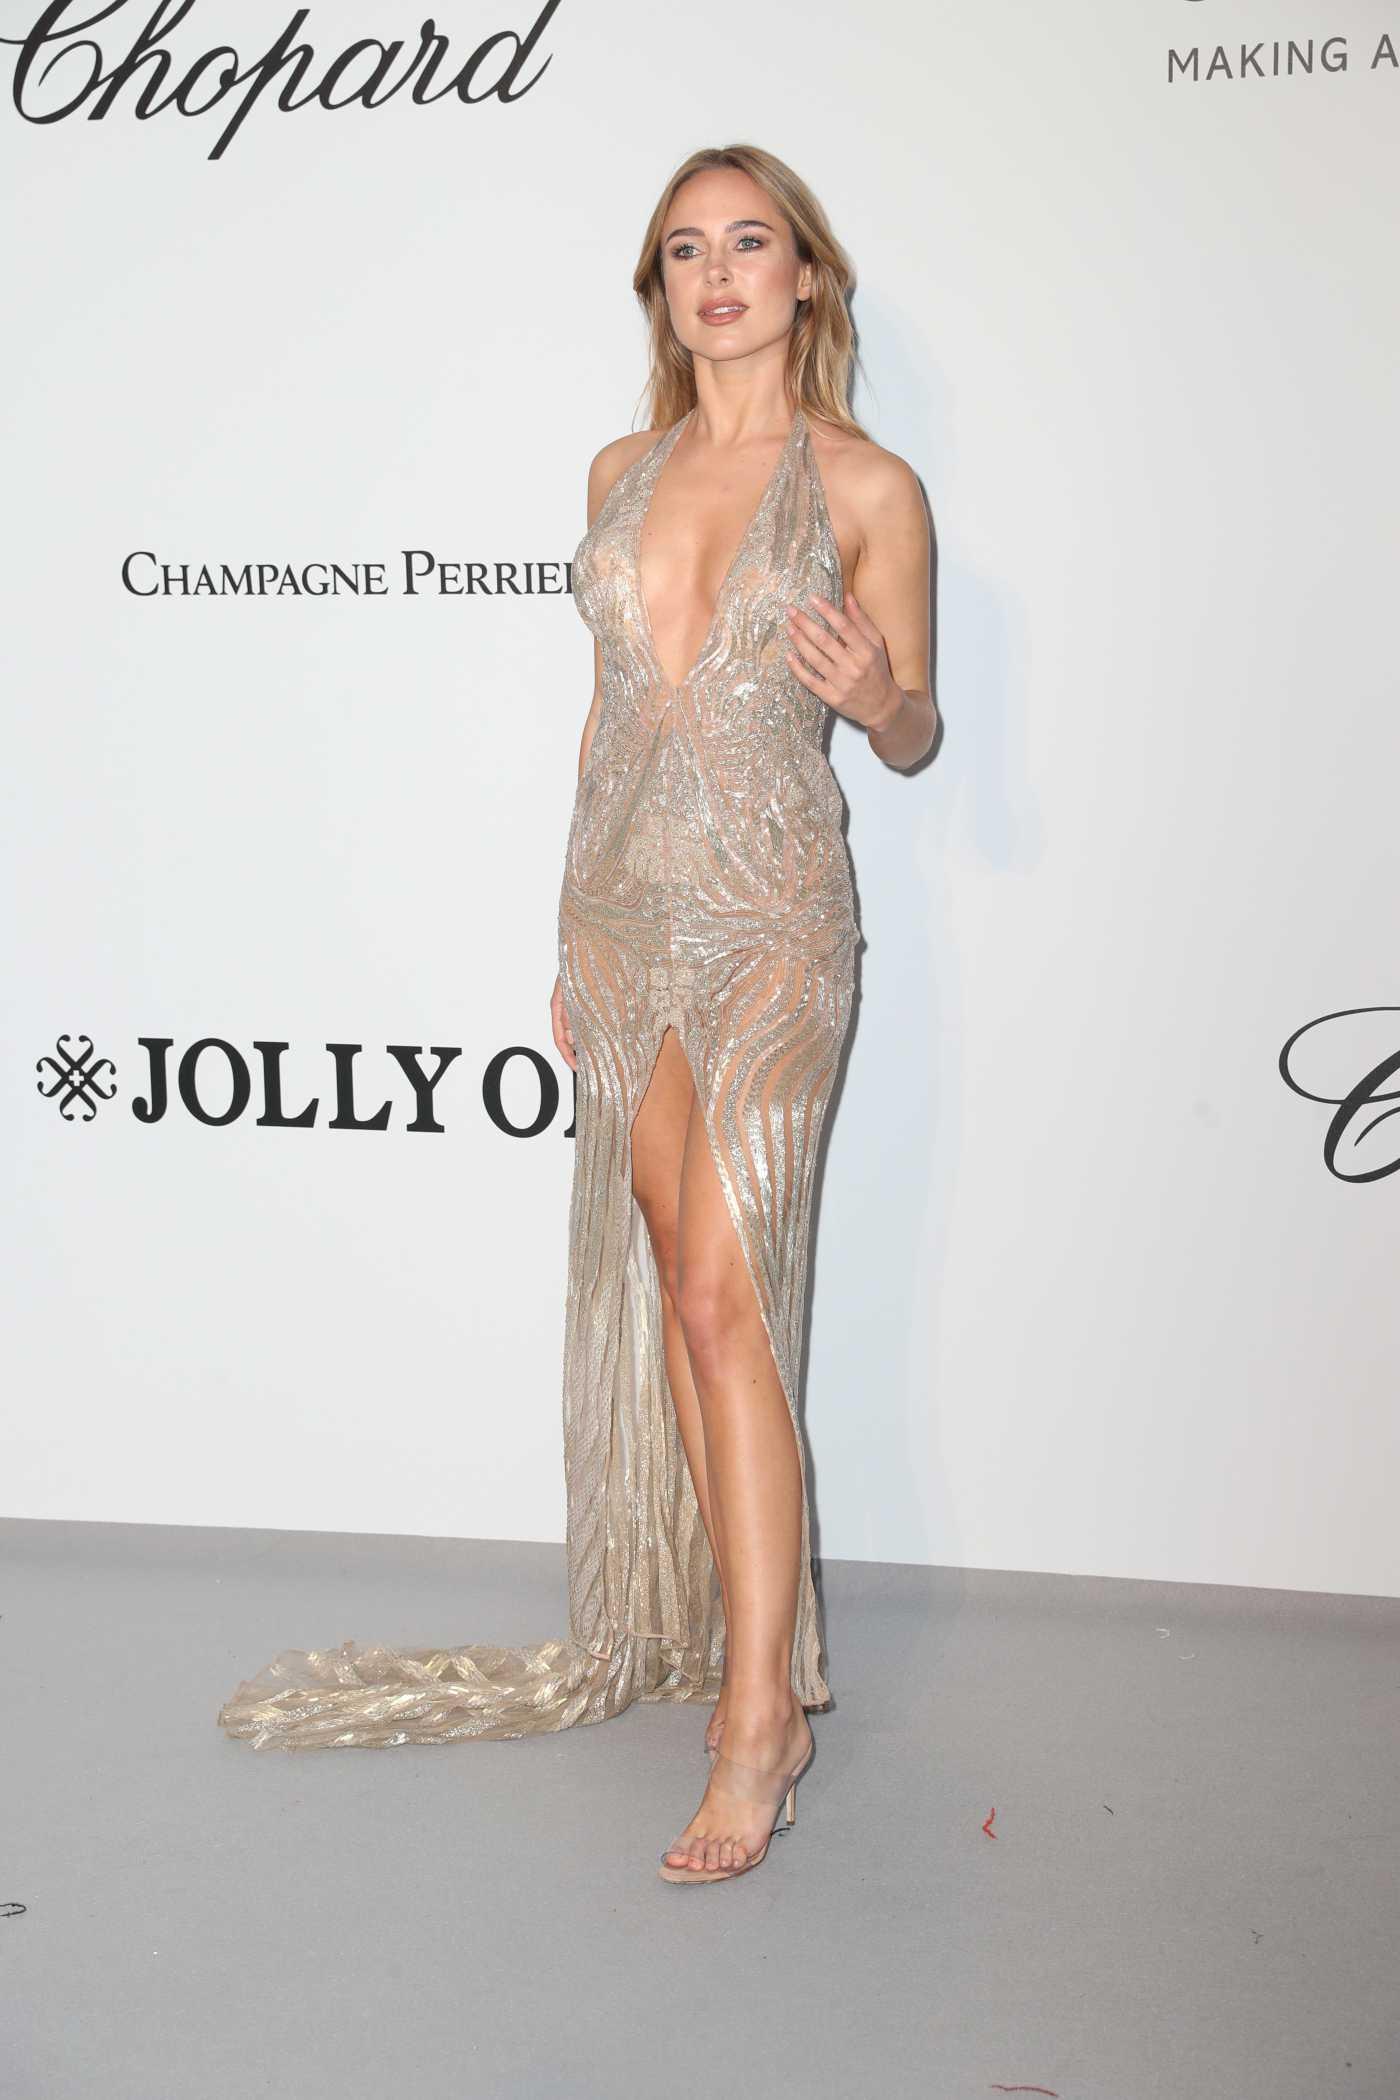 Kimberley Garner Attends 2019 amfAR Cannes Gala at Hotel du Cap-Eden-Roc in Cap d'Antibes 05/23/2019